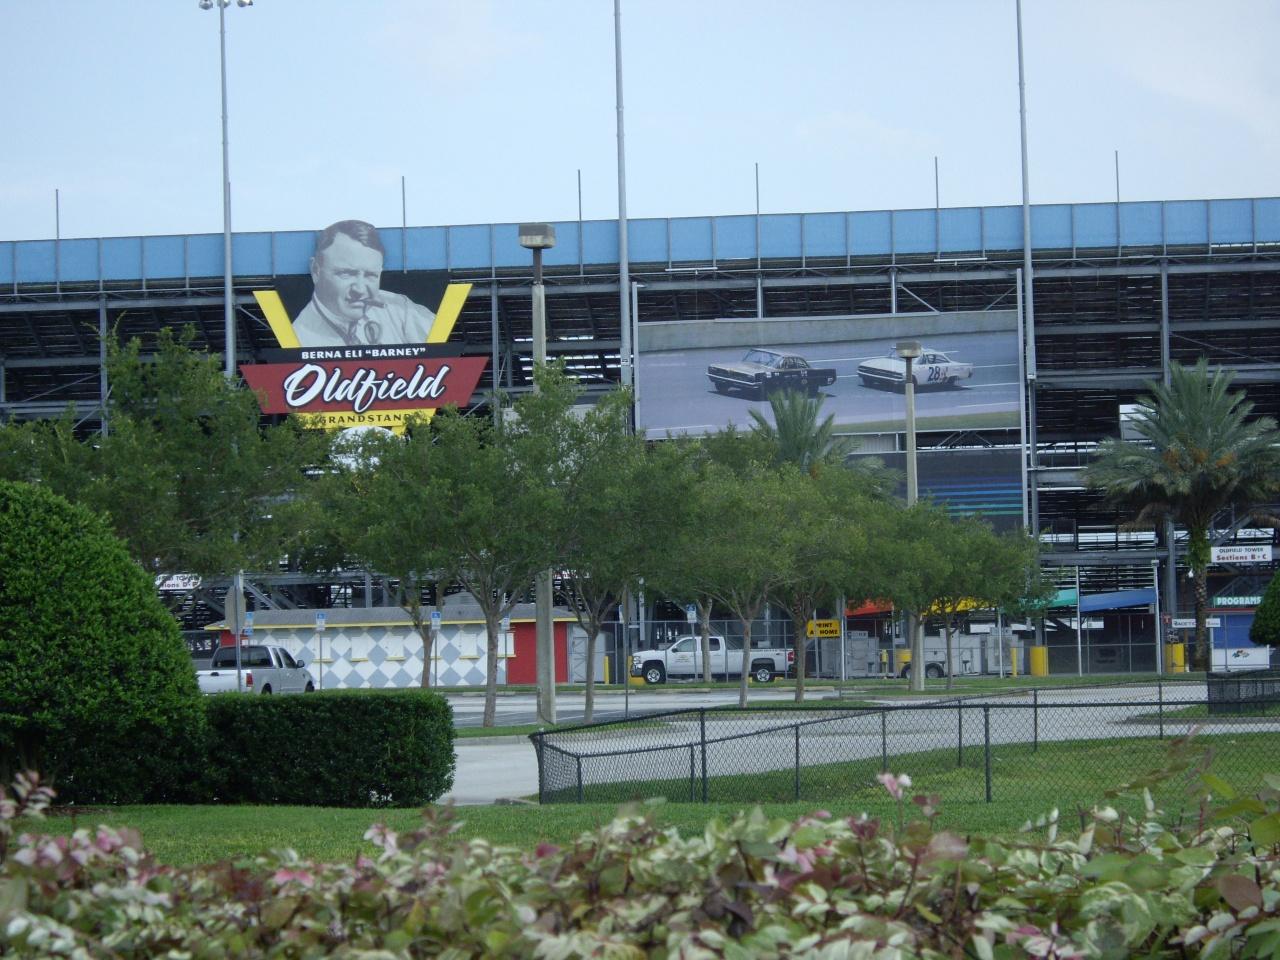 International Speedway Daytona fl